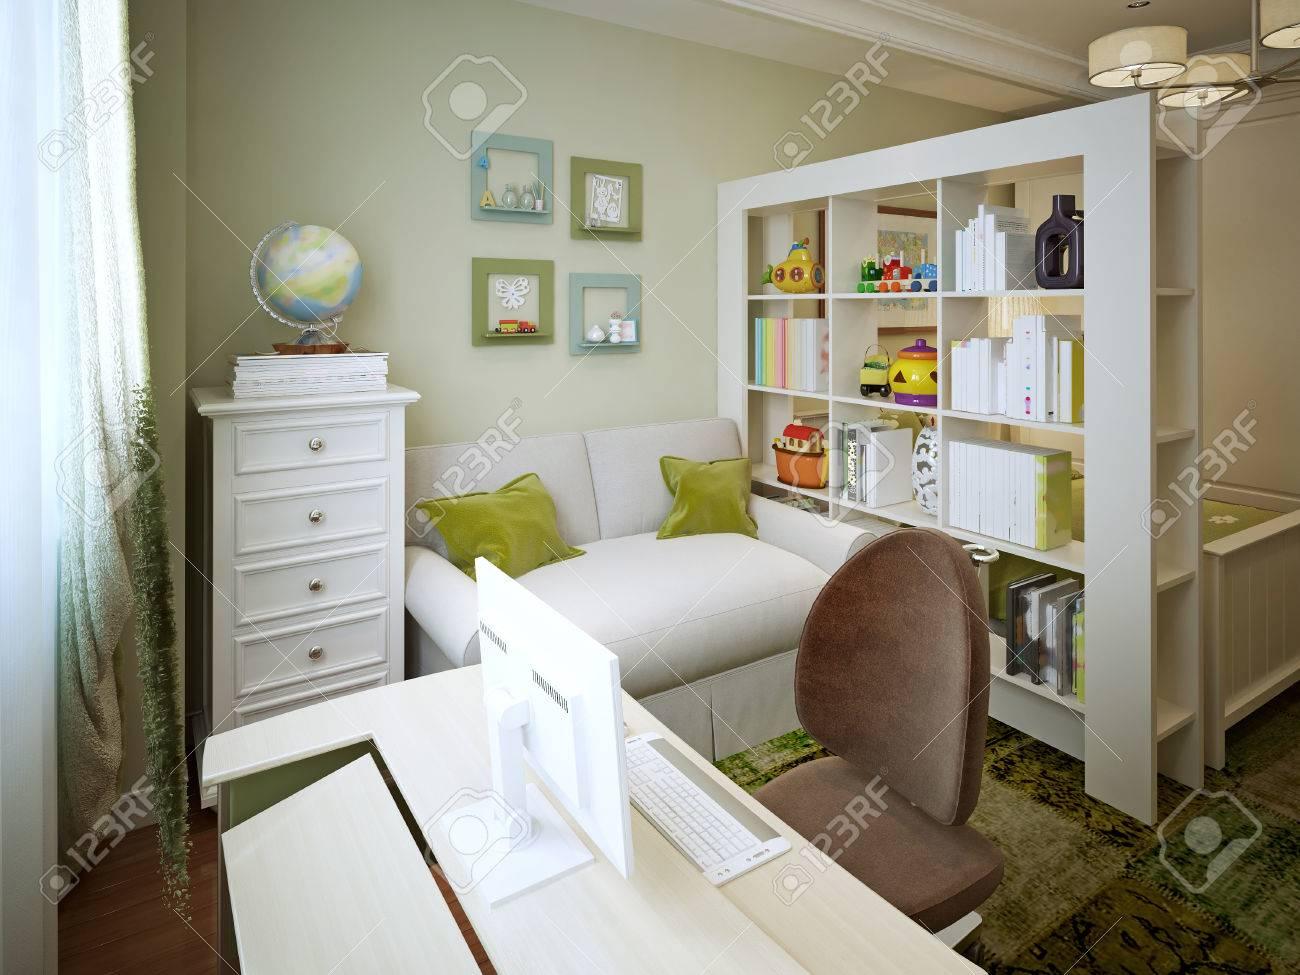 Full Size of Jungen Fr Das Bett Mit Regalen Und Einem Regal Regale Weiß Sofa Kinderzimmer Jungen Kinderzimmer